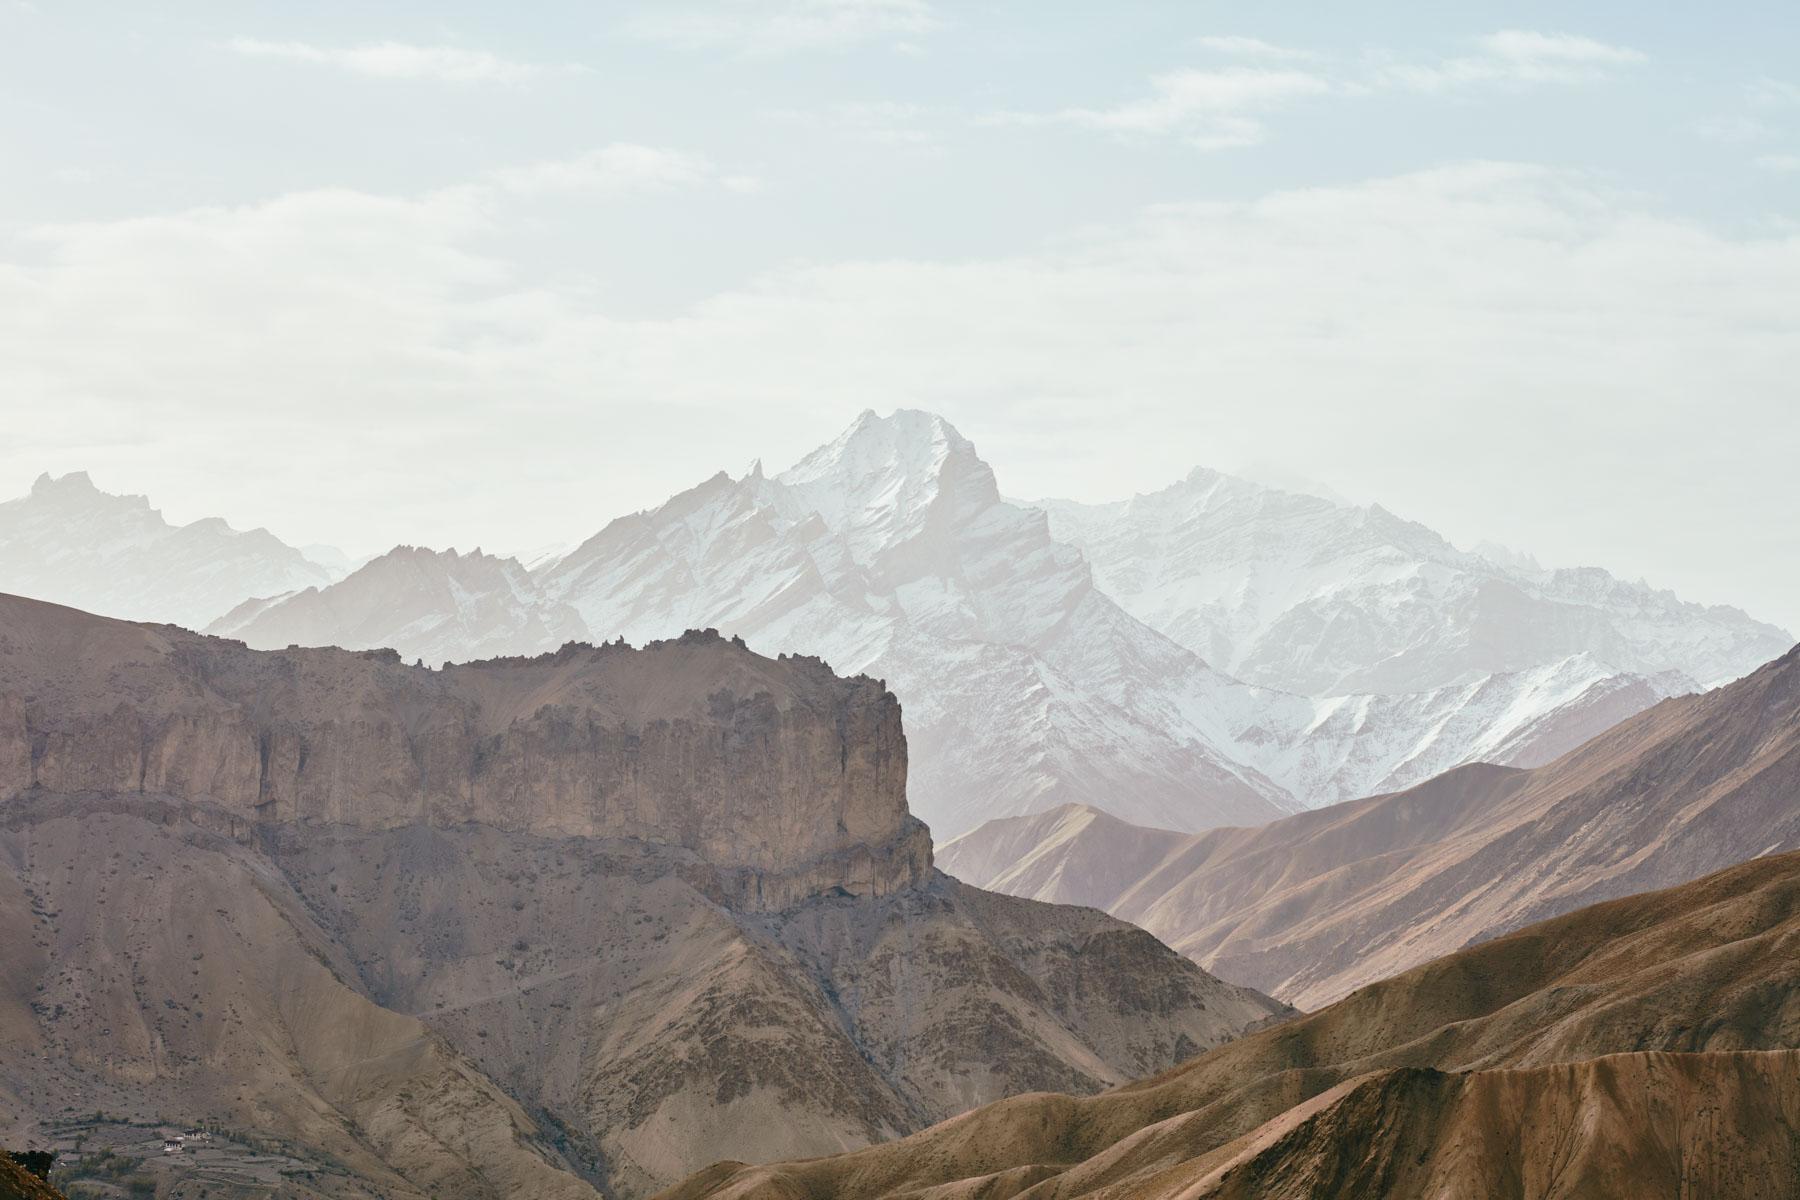 Ein Blick in das Himalaya in der Nähe von Lingshed/ Ladakh/ Indien, 2018